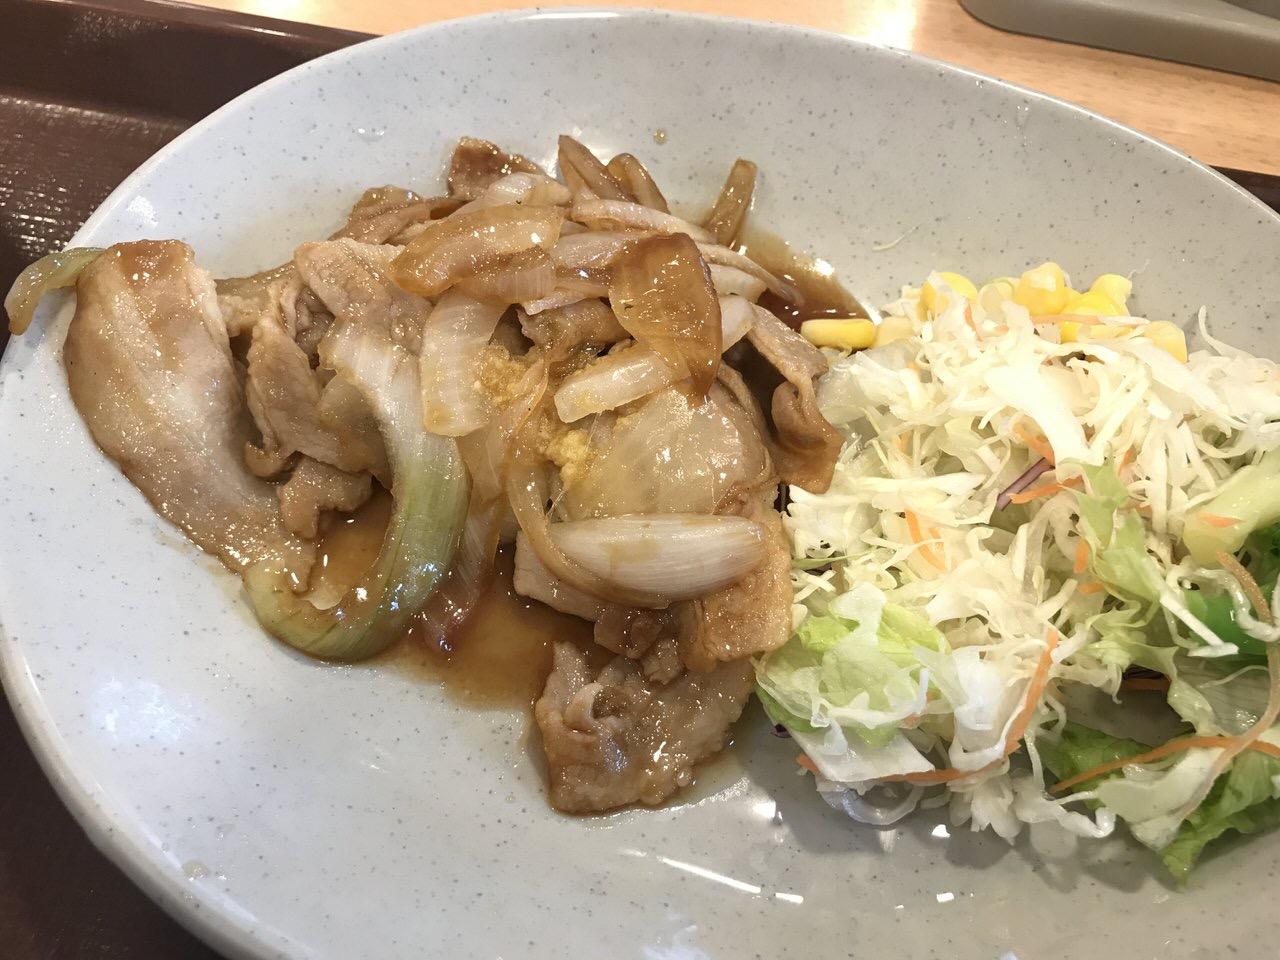 すき家の朝食「豚の生姜焼き朝食」1